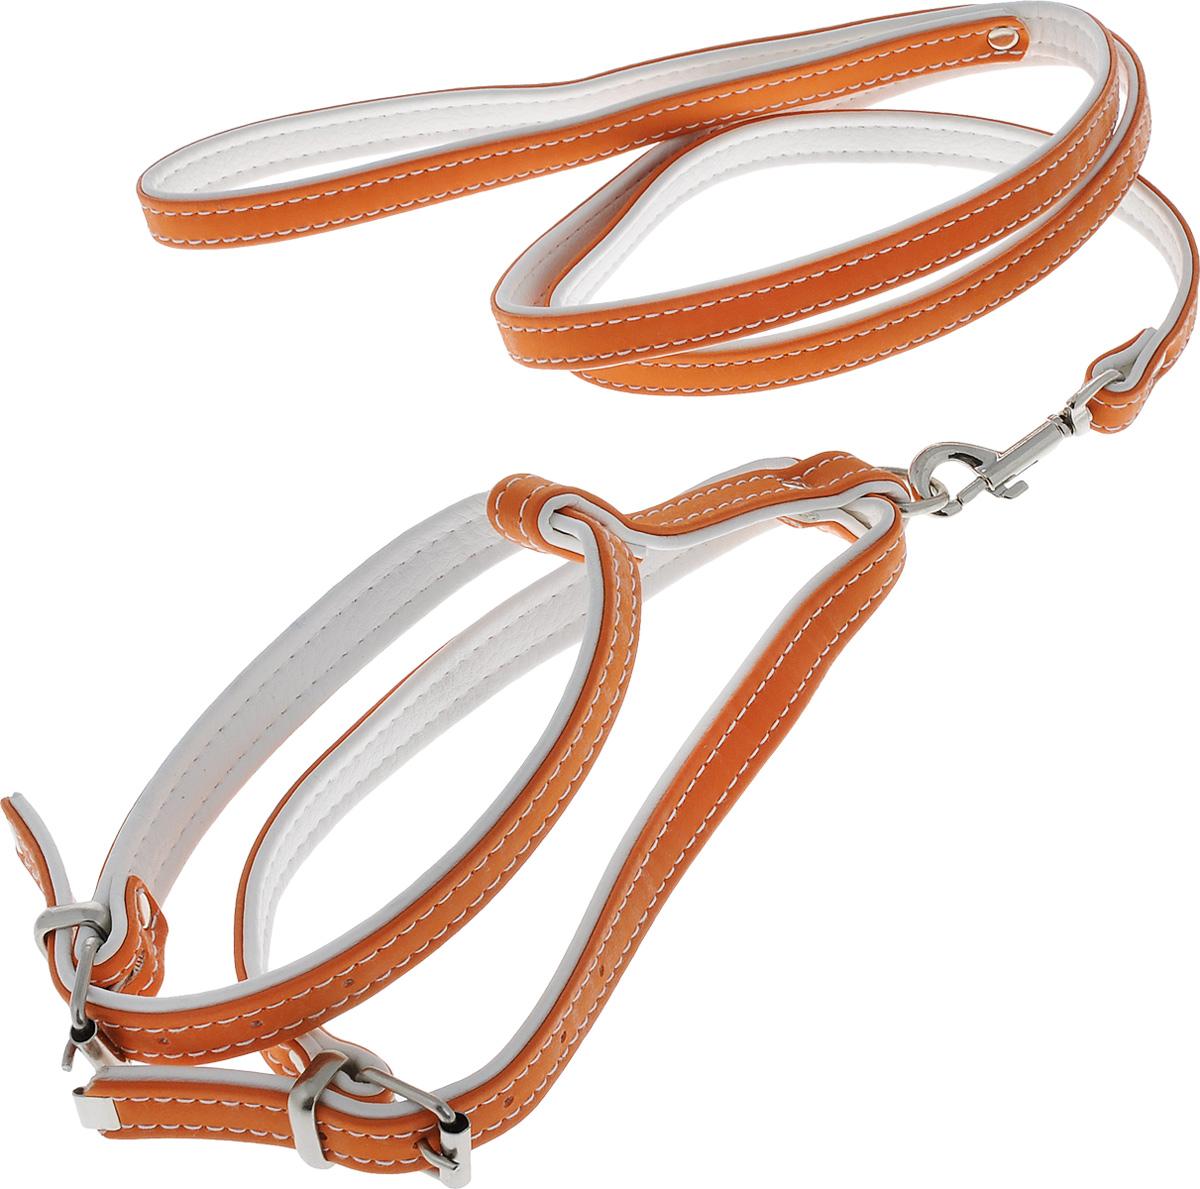 Комплект для животных Аркон Техно, цвет: оранжевый, белый, 2 предмета. кт15кт15оКомплект для животных Аркон Техно состоит из шлейки и поводка. Изделия изготовлены из искусственной кожи, фурнитура - из сверхпрочных сплавов металла. Надежная конструкция обеспечит вашему четвероногому другу комфортную и безопасную прогулку.Такой комплект подходит как для кошек, так и для мелких пород собак. Длина поводка: 1,1 м.Ширина поводка: 1,4 см.Обхват шеи: 27 - 33 см. Обхват груди: 37 - 44 см.Длина спинки: 11 см.Ширина ремней: 1,5 см; 1,6 см.